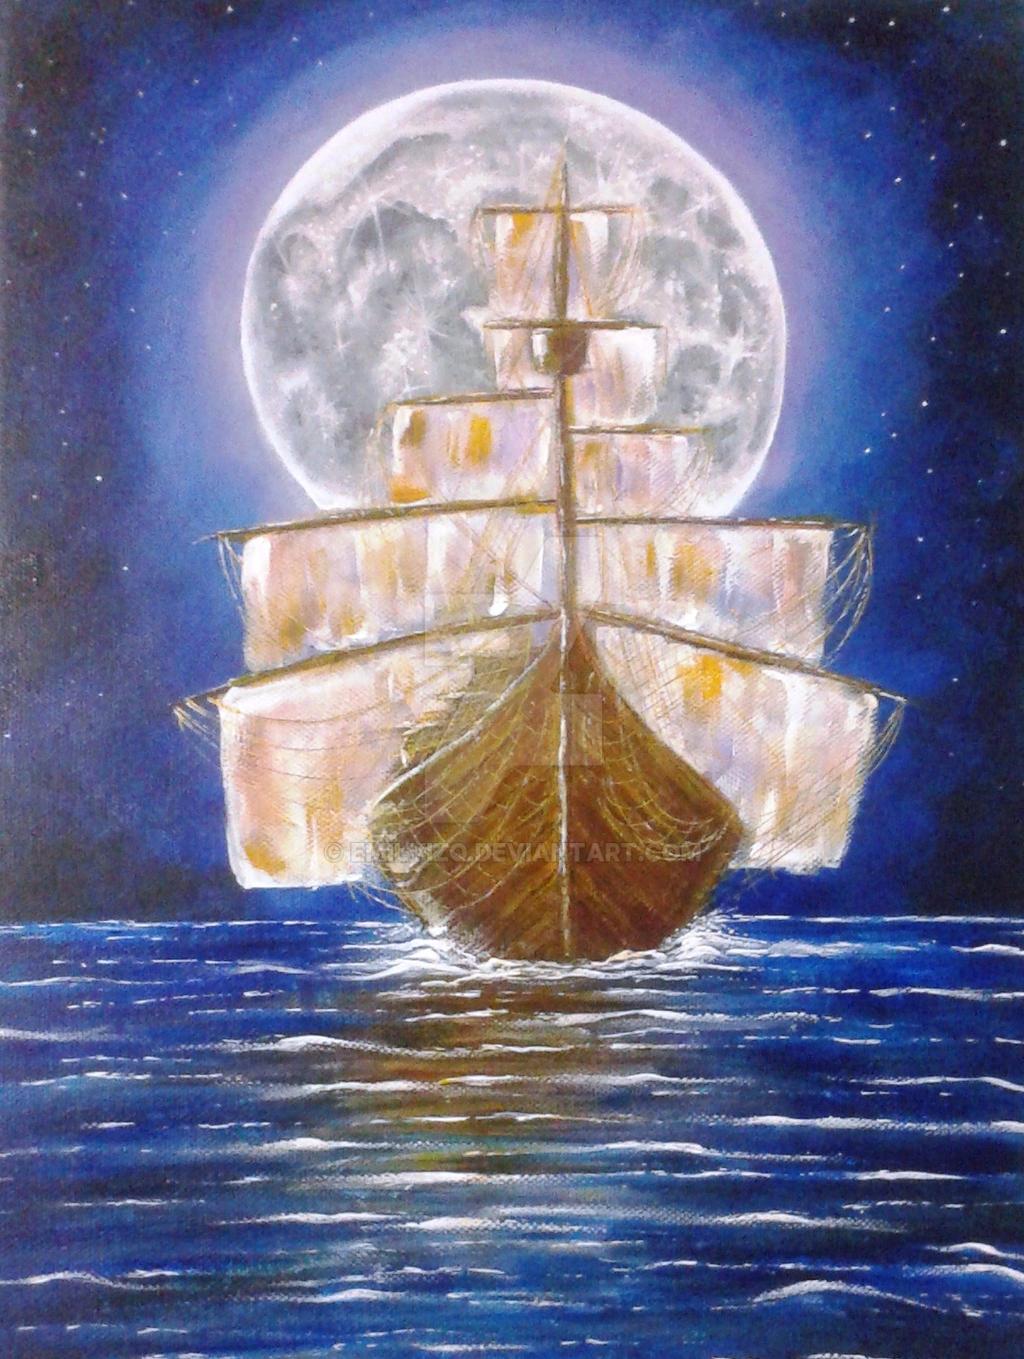 Barco II by EMILYIZQ